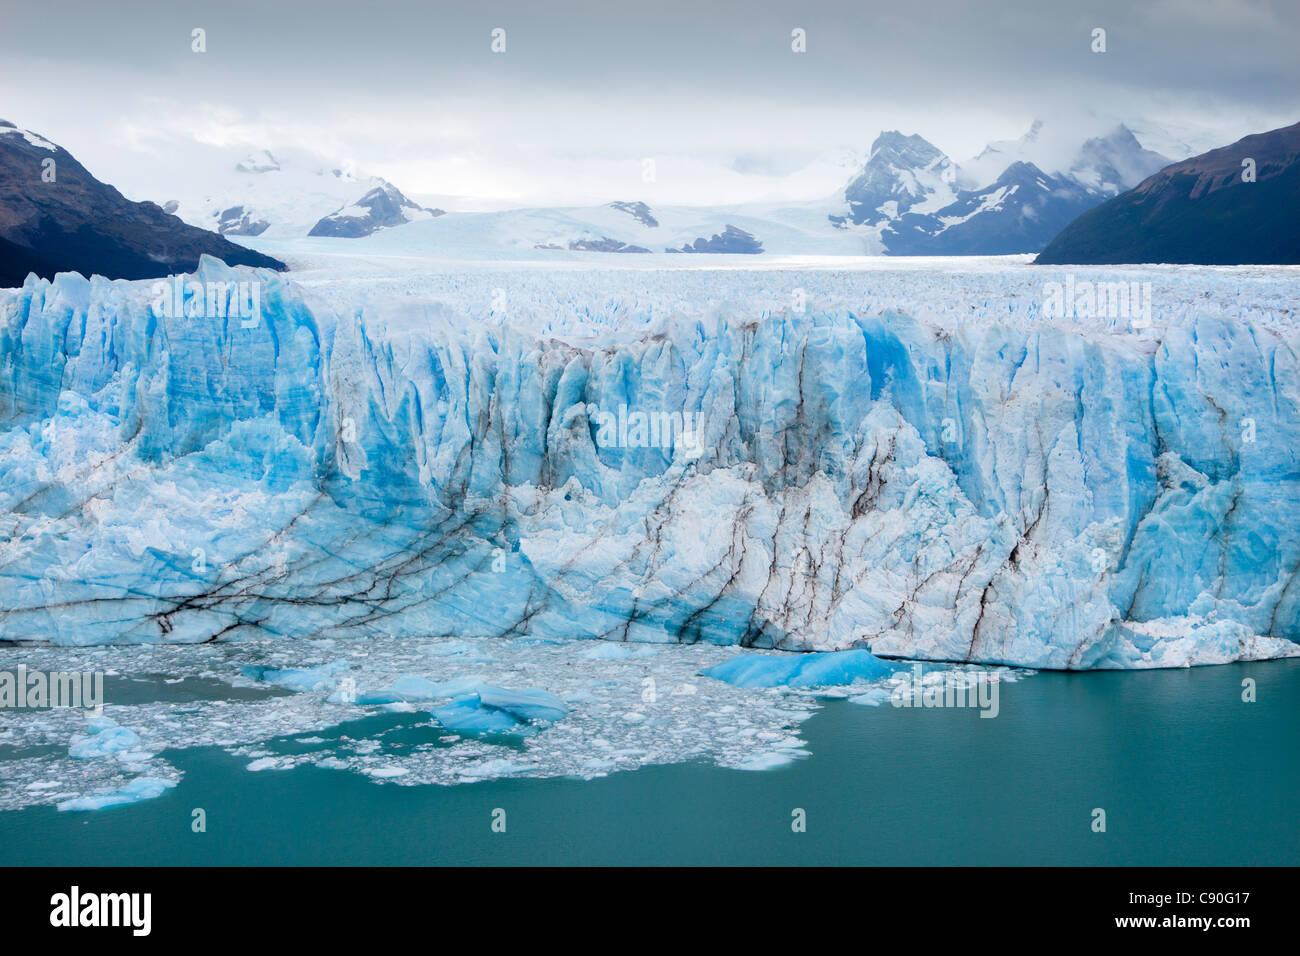 Glaciar Perito Moreno, el Lago Argentino, El Parque Nacional Los Glaciares, cerca de El Calafate, Patagonia, Argentina Imagen De Stock